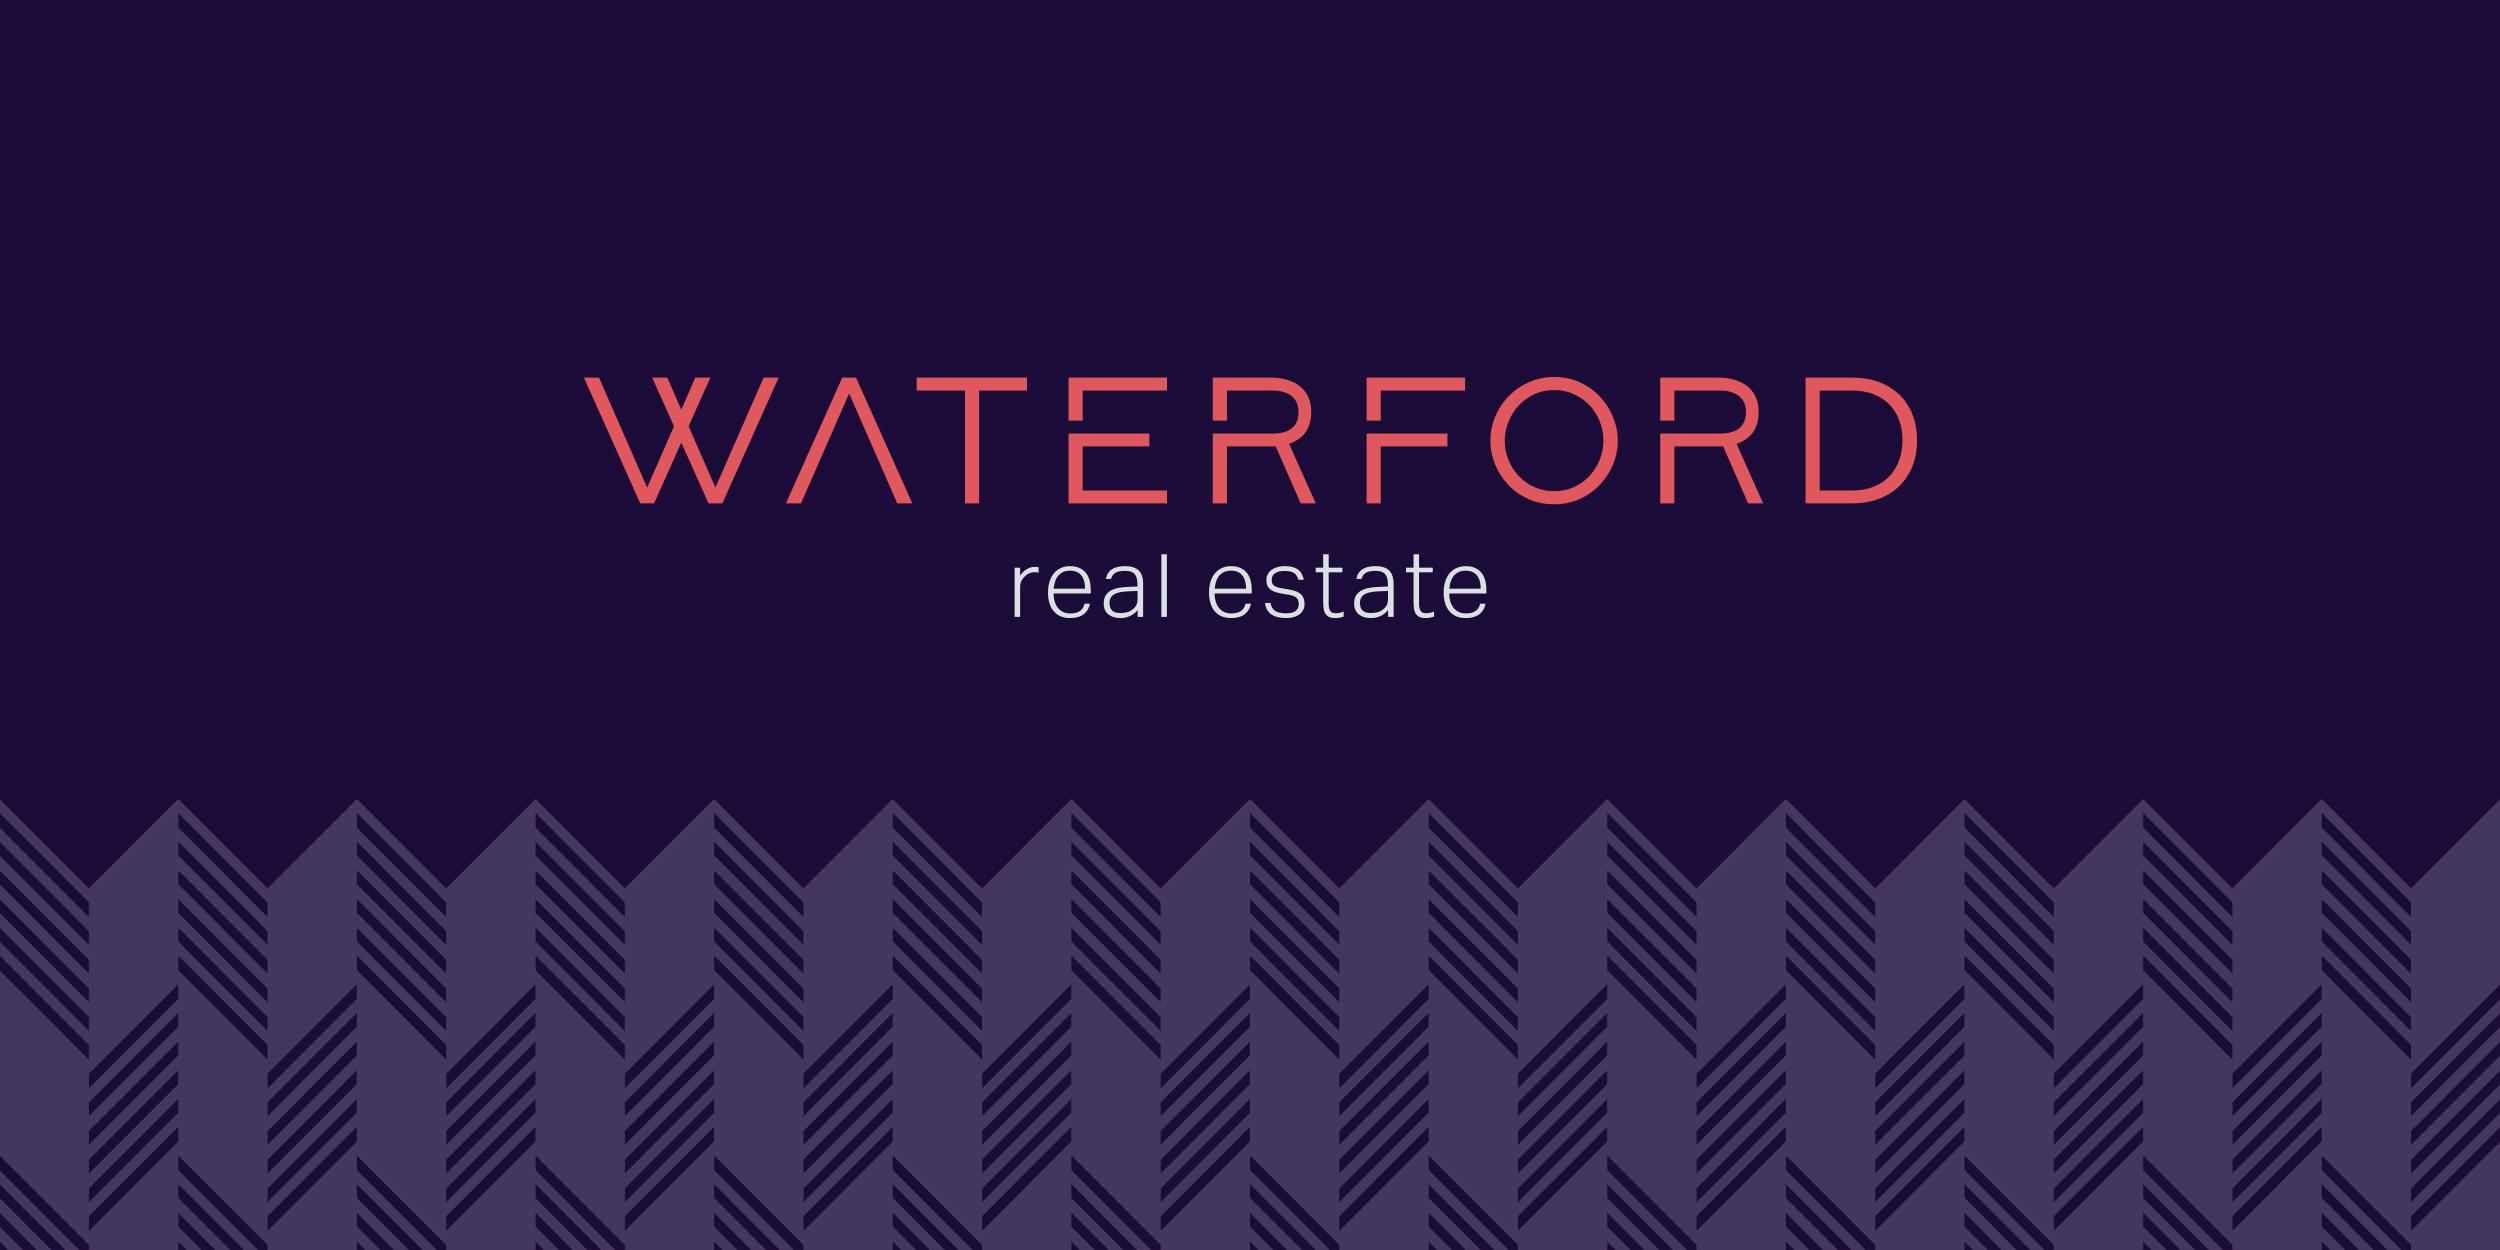 WaterfordImages2019Artboard 1.jpg